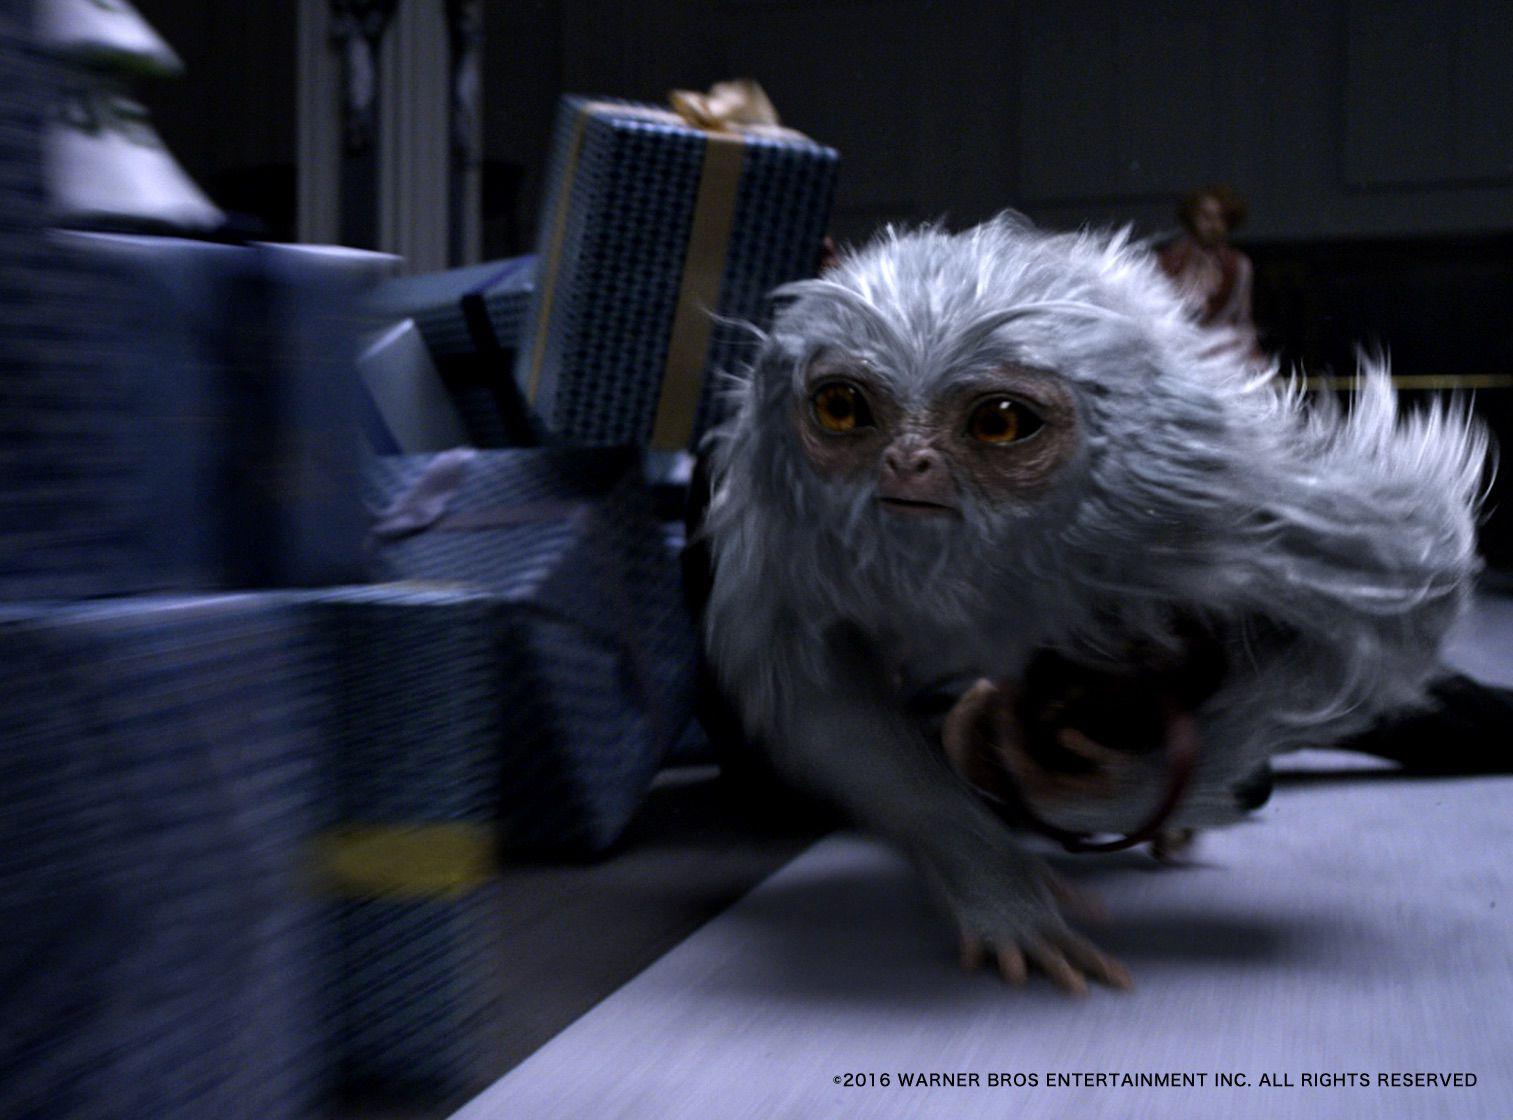 魔法動物に会えるかも!ファンタスティックな動物を巡る冒険旅5選